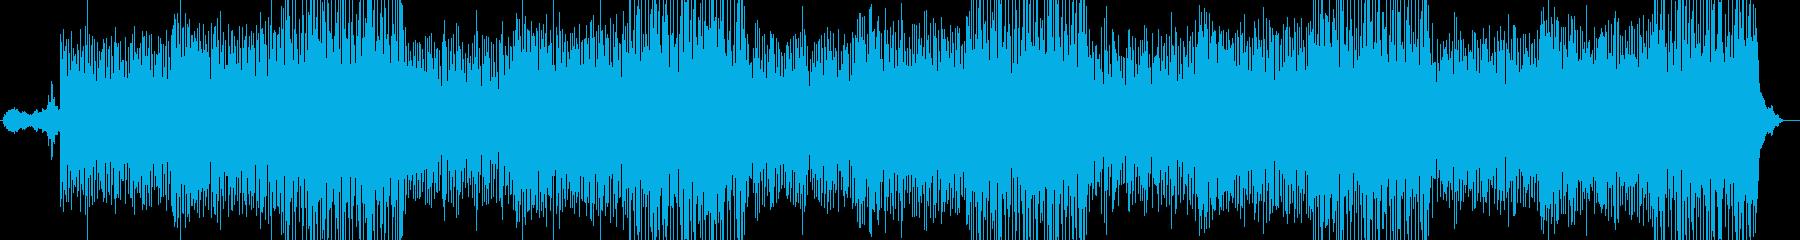 ピアノのリフが心地よく優しいBGMの再生済みの波形